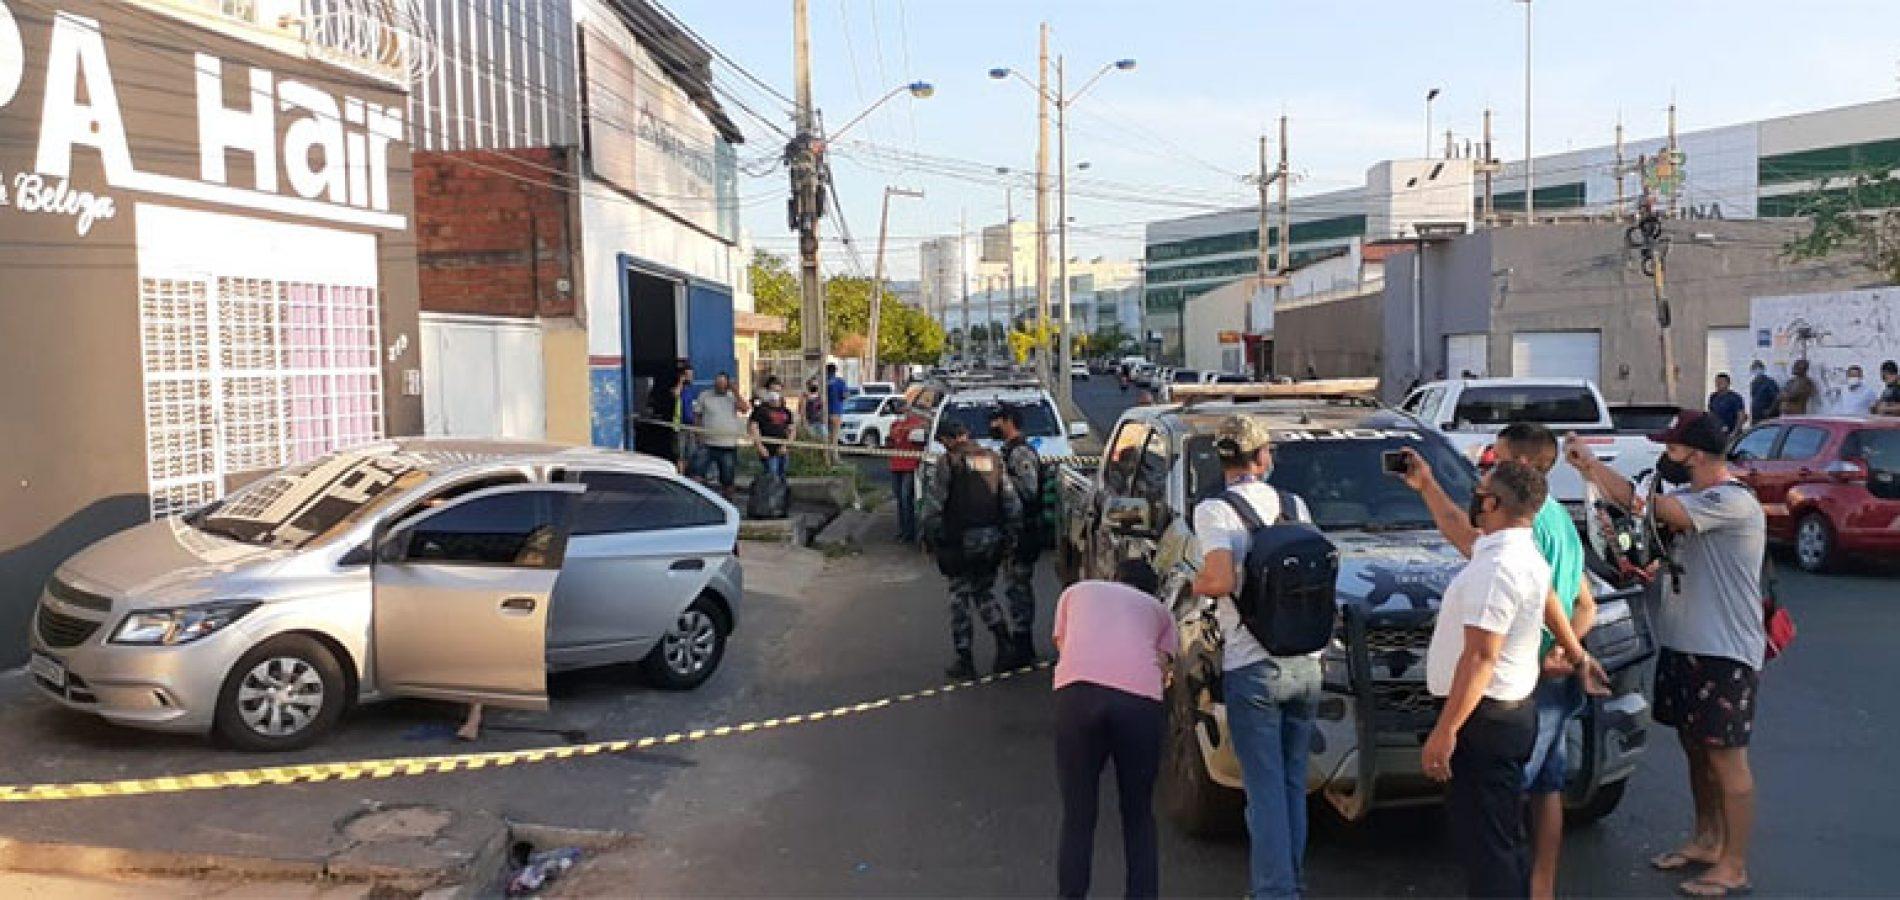 Morto em duplo homicídio no Piauí estava em hotel e teria depositado 60 mil do tráfico